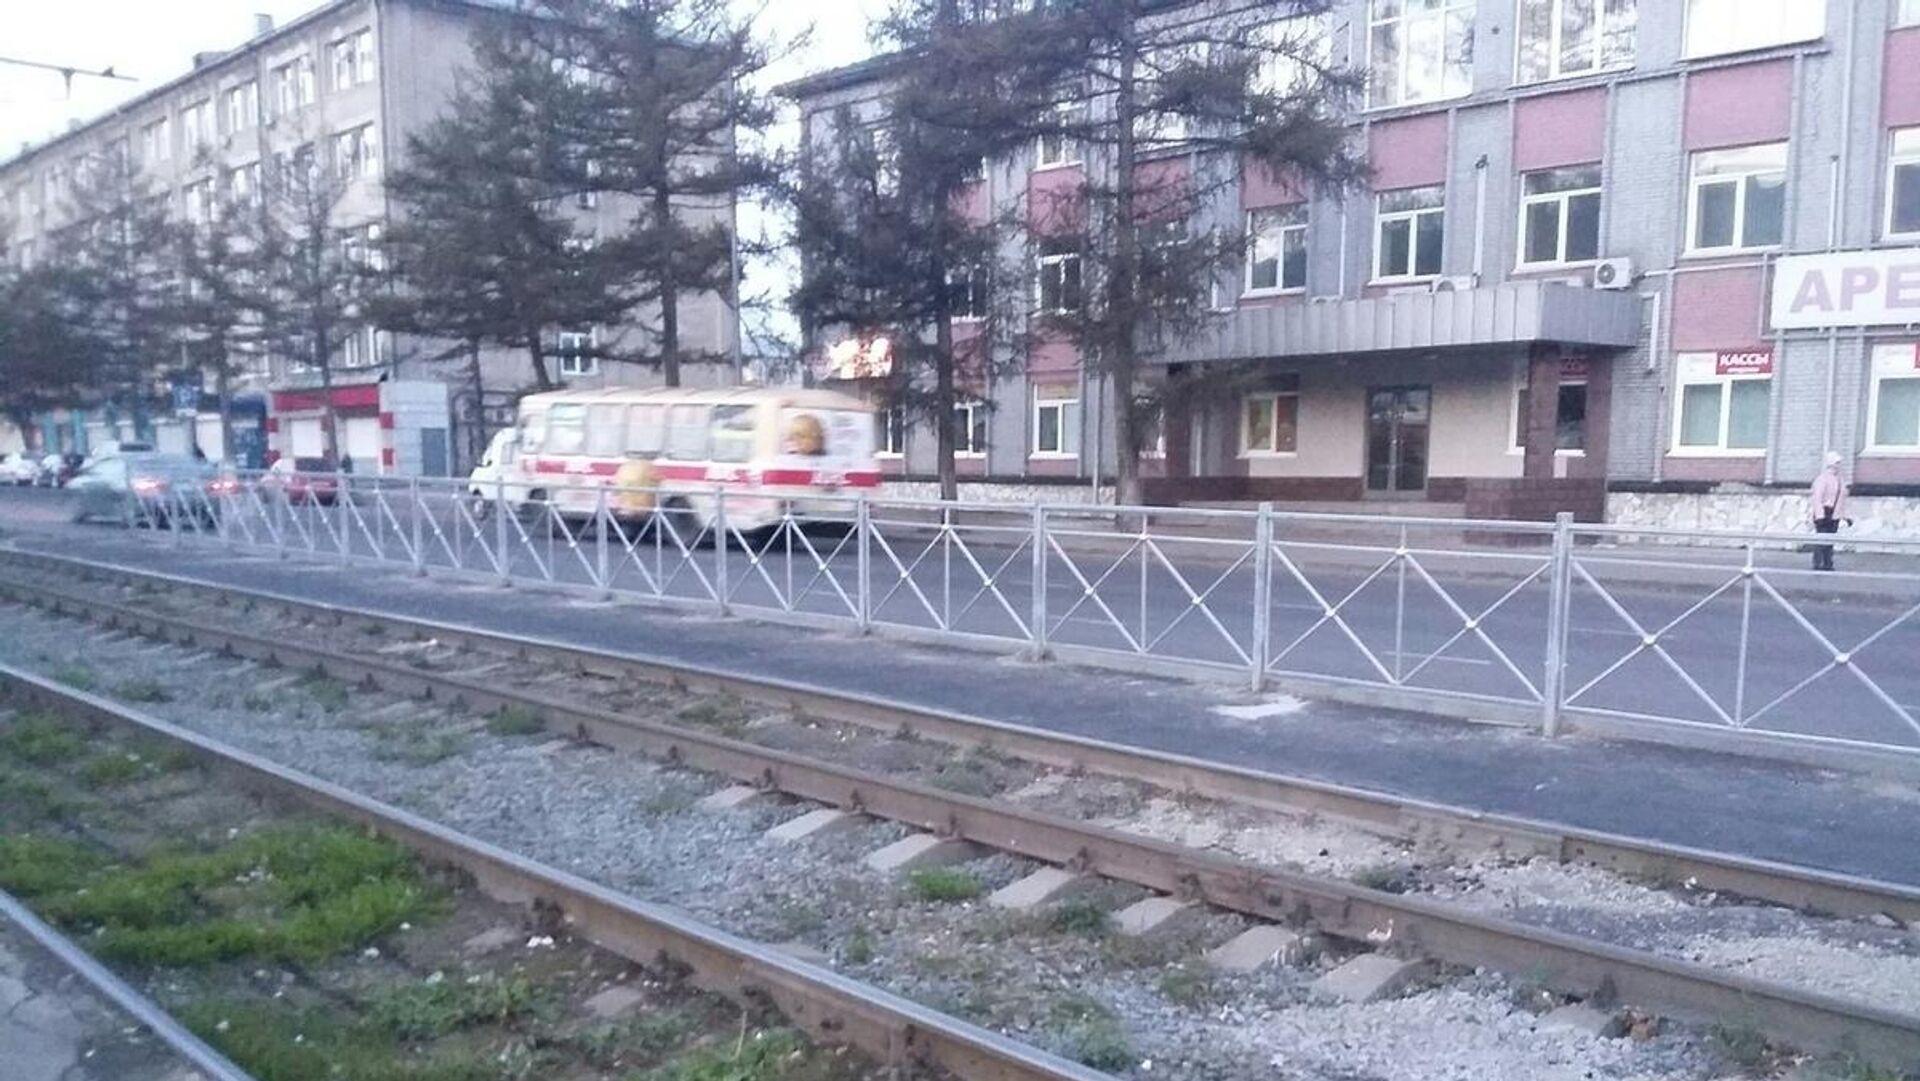 В Кемеровской области житель областного центра обвиняется в смерти мужчины, которого он вытолкнул из трамвая - РИА Новости, 1920, 07.05.2021